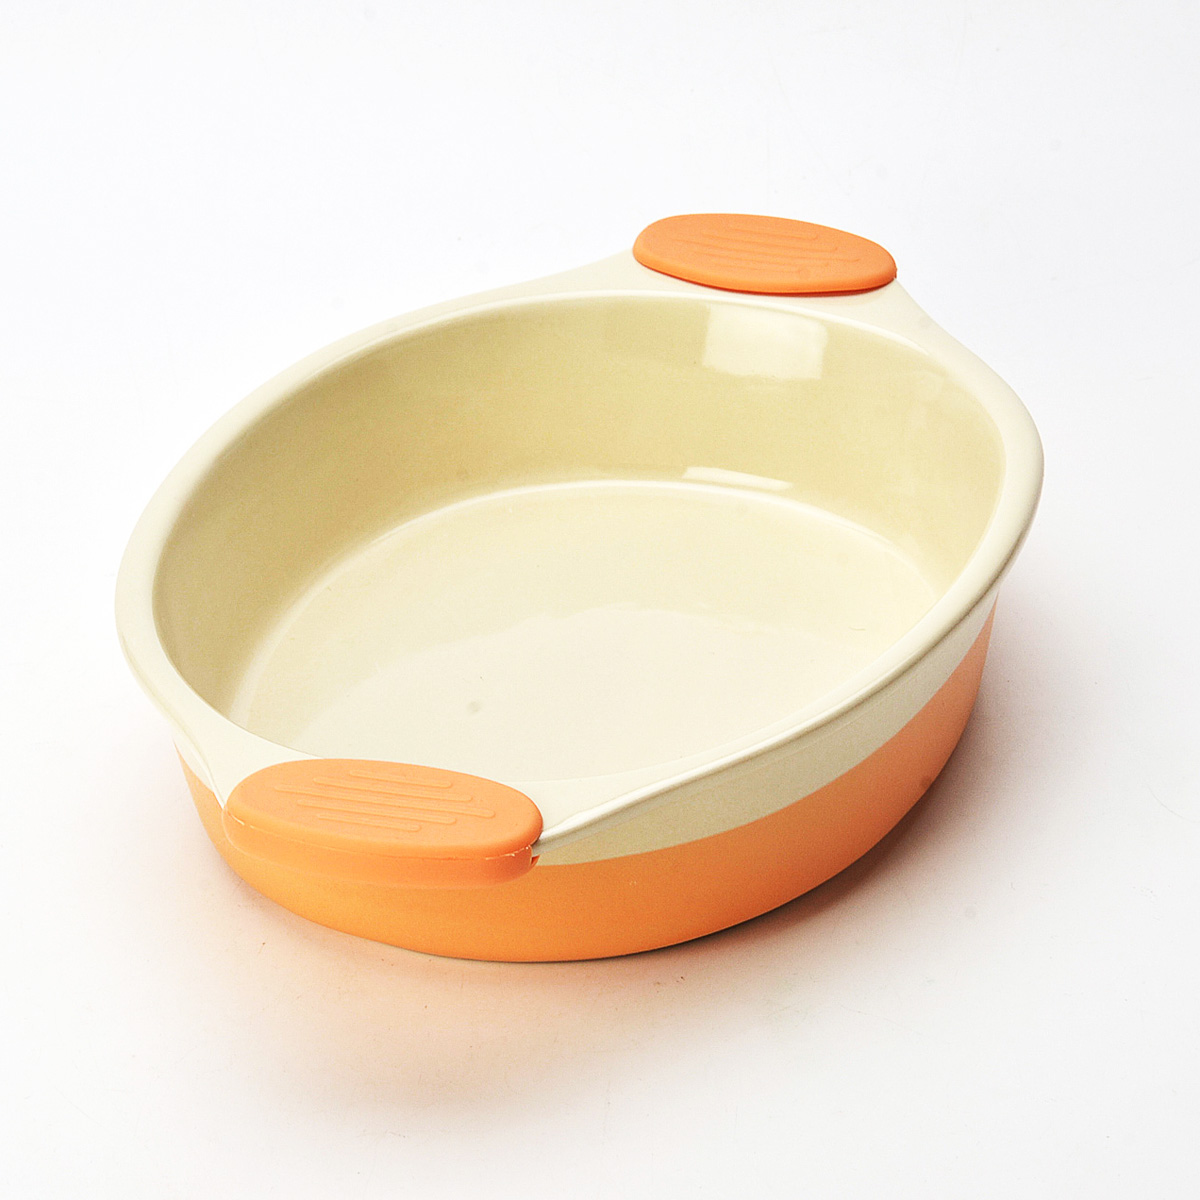 Форма для выпечки Mayer & Boch, овальная, цвет: оранжевый, 37 см х 24 см х 7 см21789Овальная форма для выпечки Mayer & Boch изготовлена из керамики с внутренним и внешним покрытием цветной глазурью. Керамическая посуда считается не только изысканной, но еще и полезной. Керамика не содержит вредных примесей ПФОК, что способствует здоровому и экологичному приготовлению пищи. Форма идеально подходит для приготовления пирогов, запеканок и других блюд, поскольку тепло распределяется равномерно. Изделие дополняют термостойкие ручки из силикона, которые позволяют не использовать прихватки. Подходит для использования в духовом шкафу. Не подходит для СВЧ-печей. Рекомендуется ручная чистка.Наслаждайтесь приготовлением пищи в вашей формой для выпечки. Высота стенки: 6,5 см. Толщина стенки: 6-7 мм. Толщина дна: 6-7 мм. Размер формы (с учетом ручек): 37 см х 24 см х 7 см. Размер формы (без учета ручек): 27 см х 20,5 см х 6,2 см.